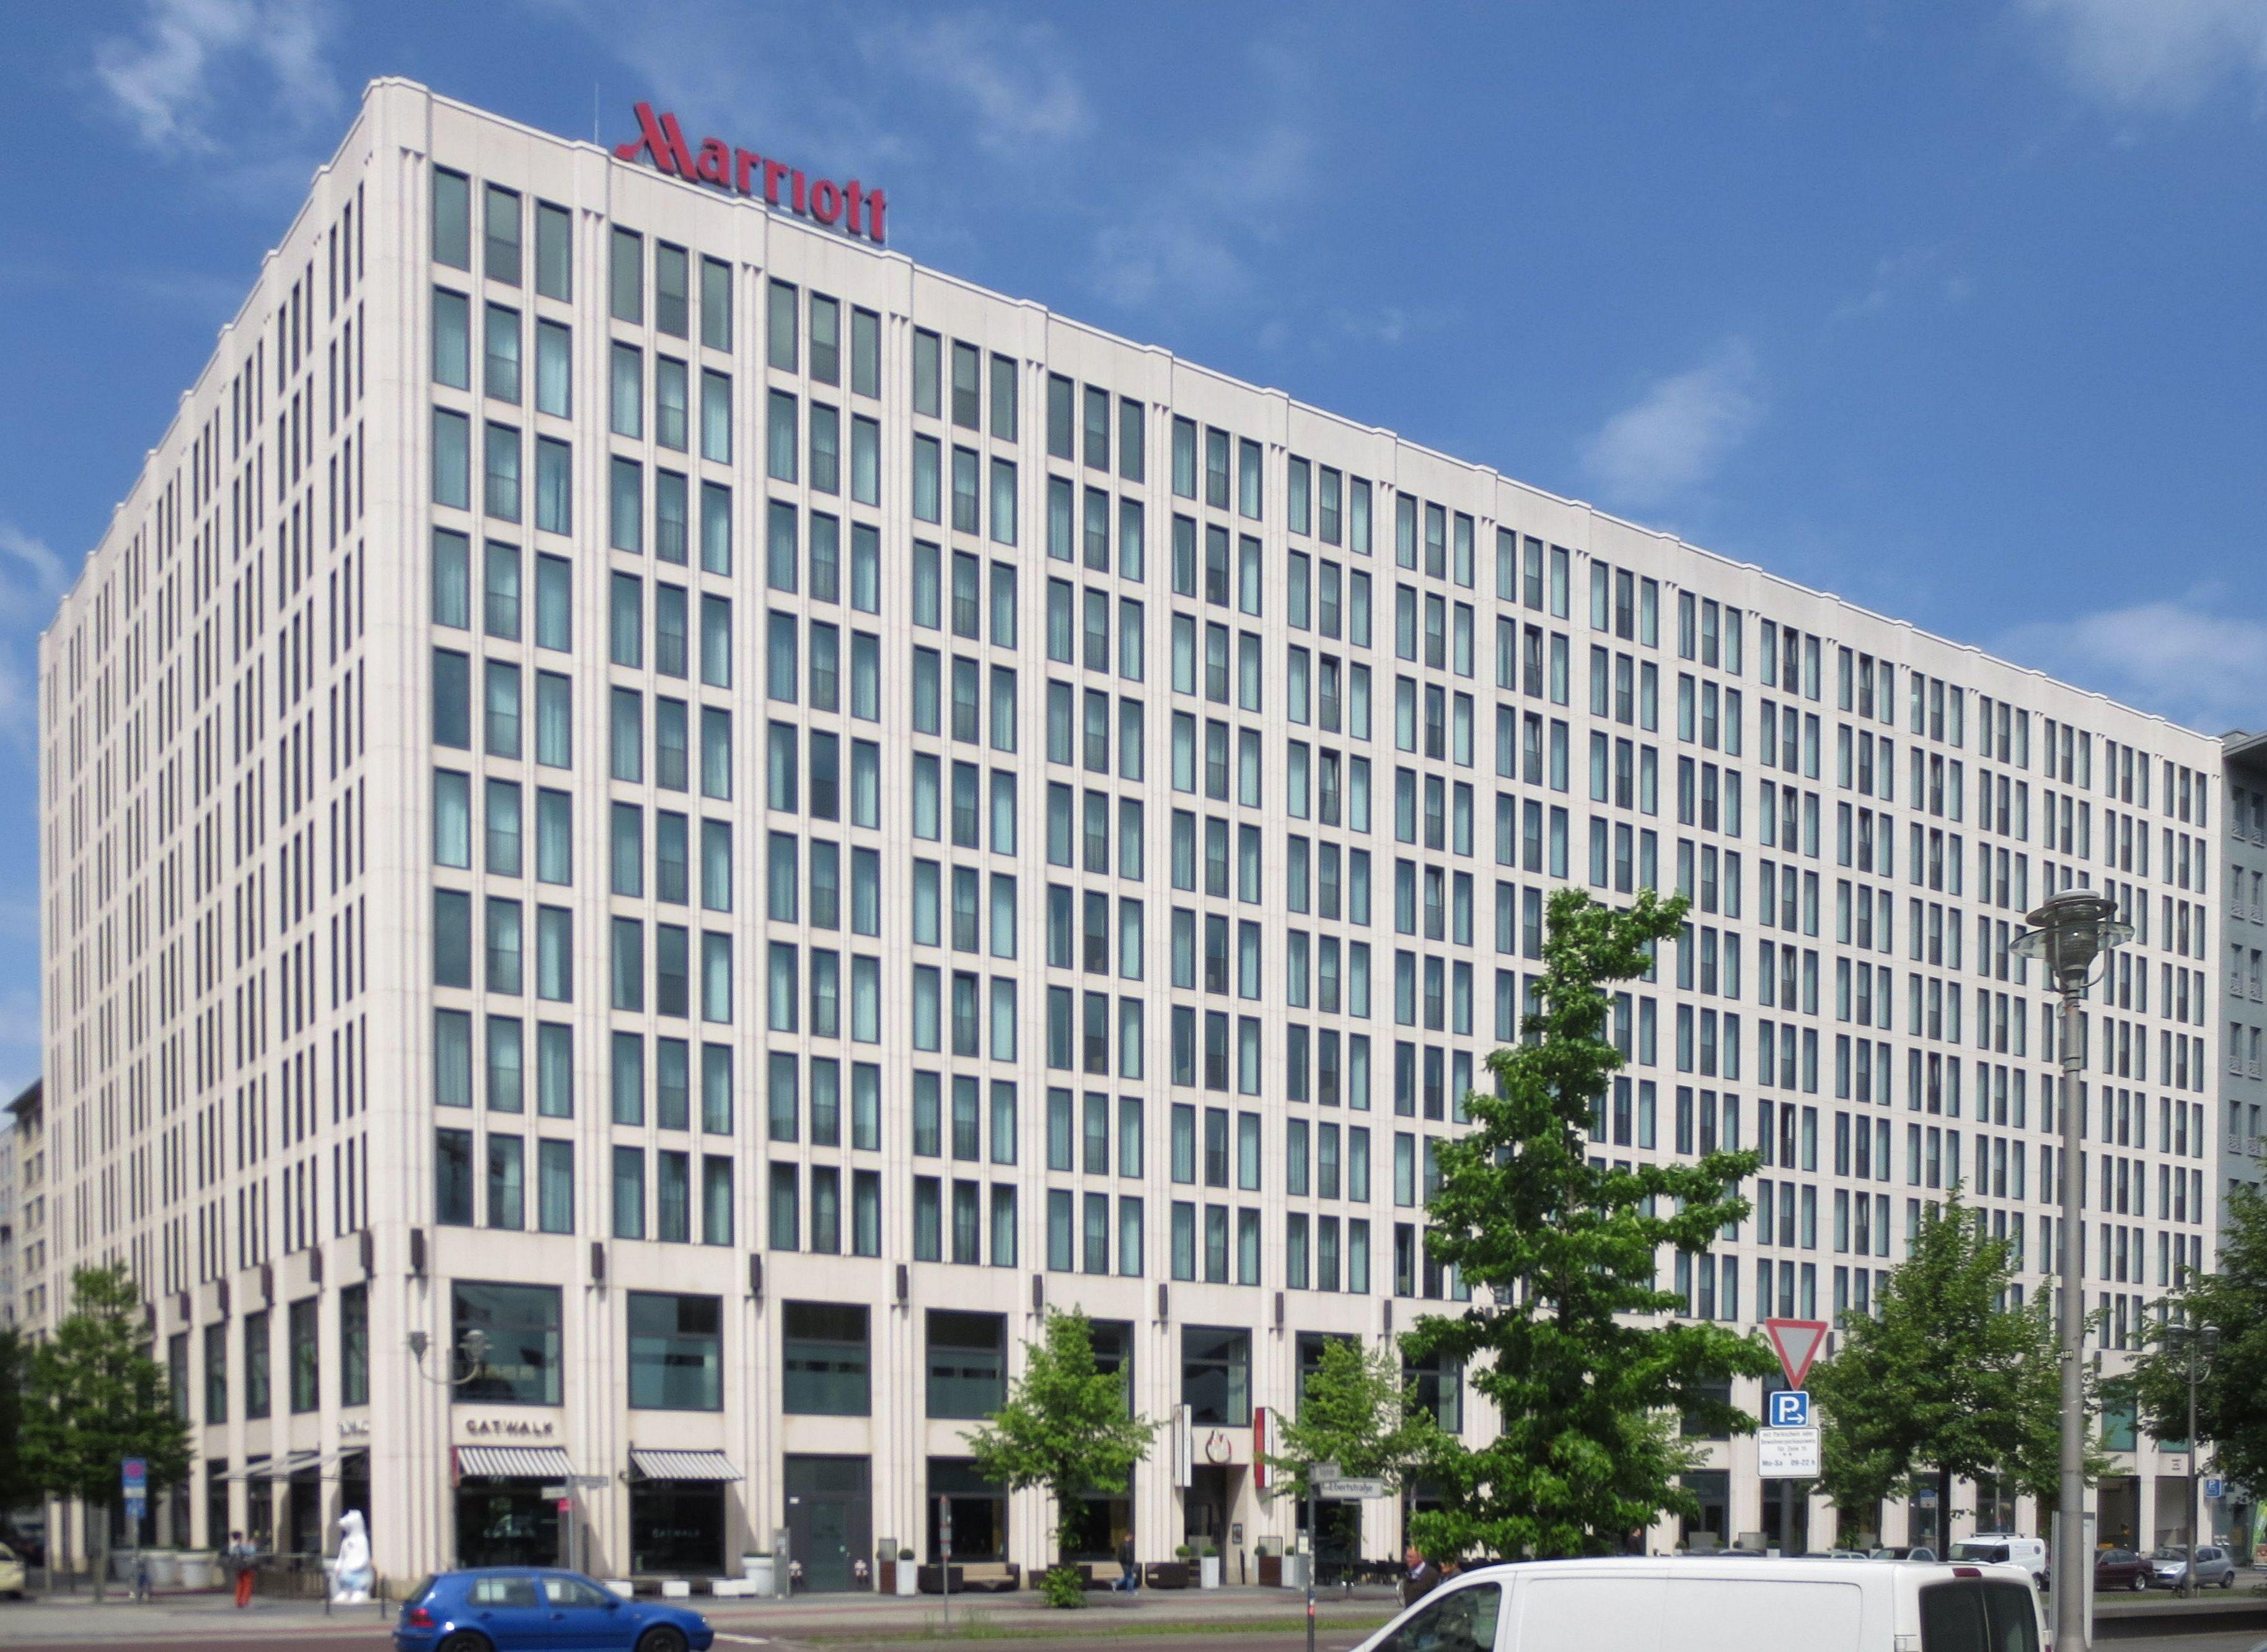 Marriott Hotel Berlin Inge Beisheim Platz